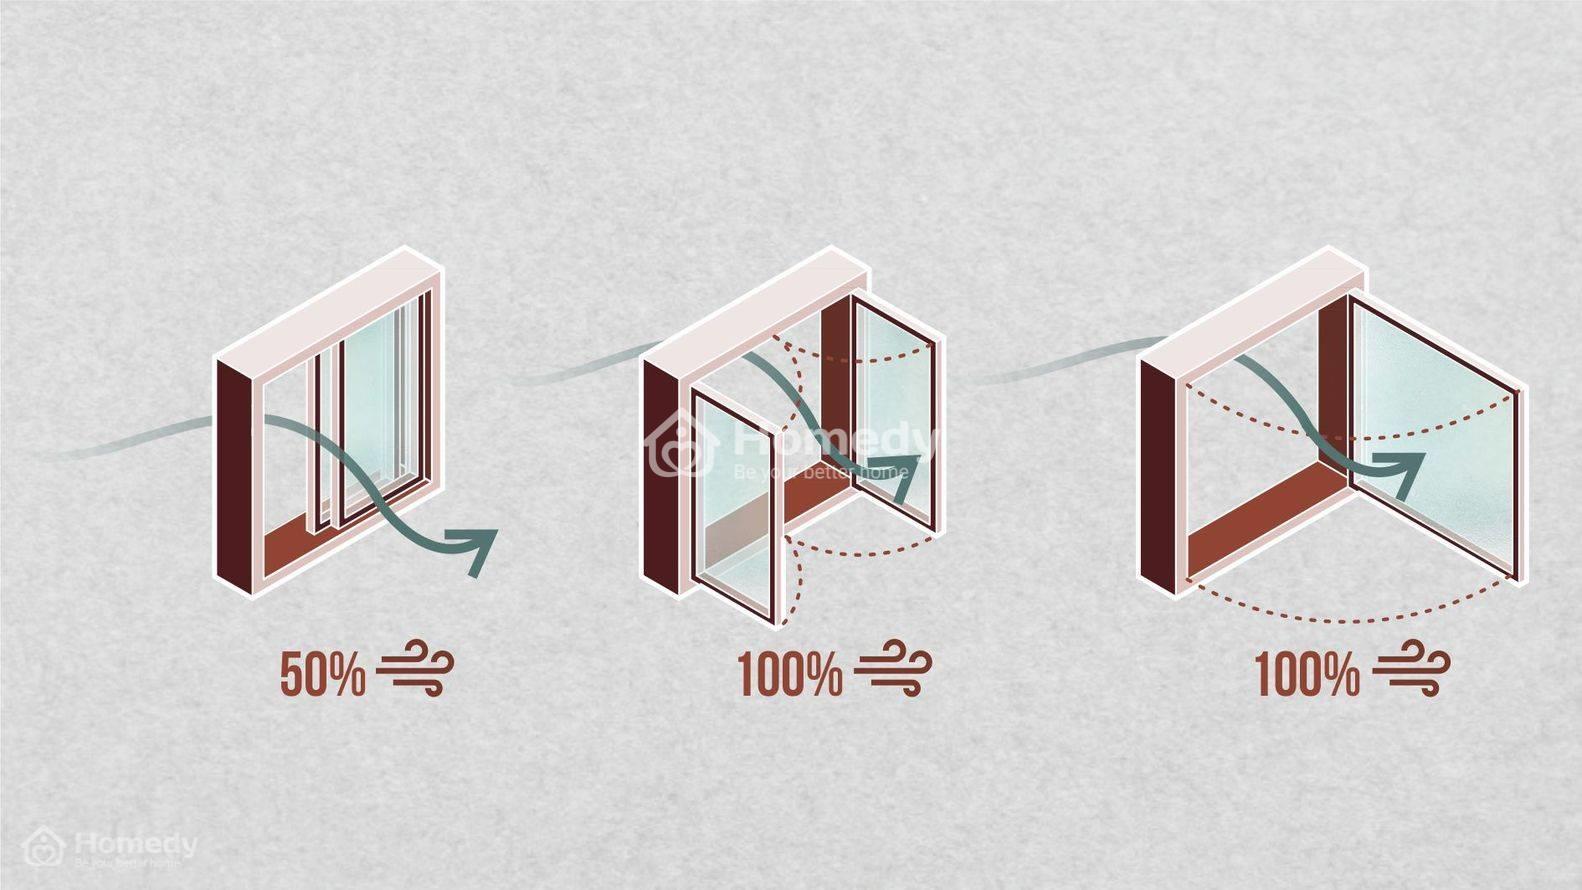 Nên sử dụng cửa sổ nào giúp thông gió tốt?